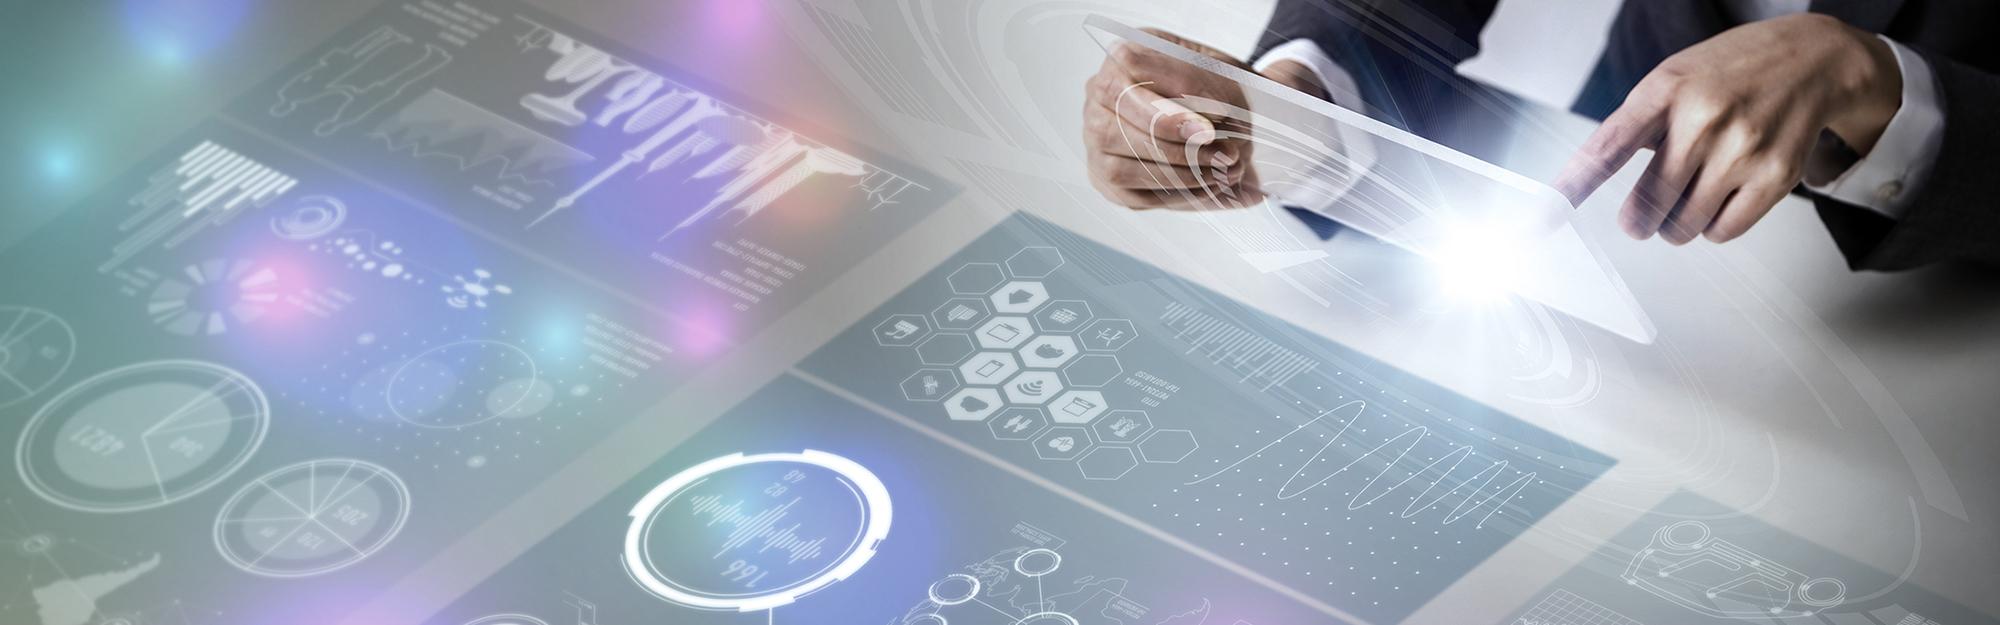 IoT: un mercato destinato ad esplodere e raggiungere i 3mila miliardi di dollari entro il 2020